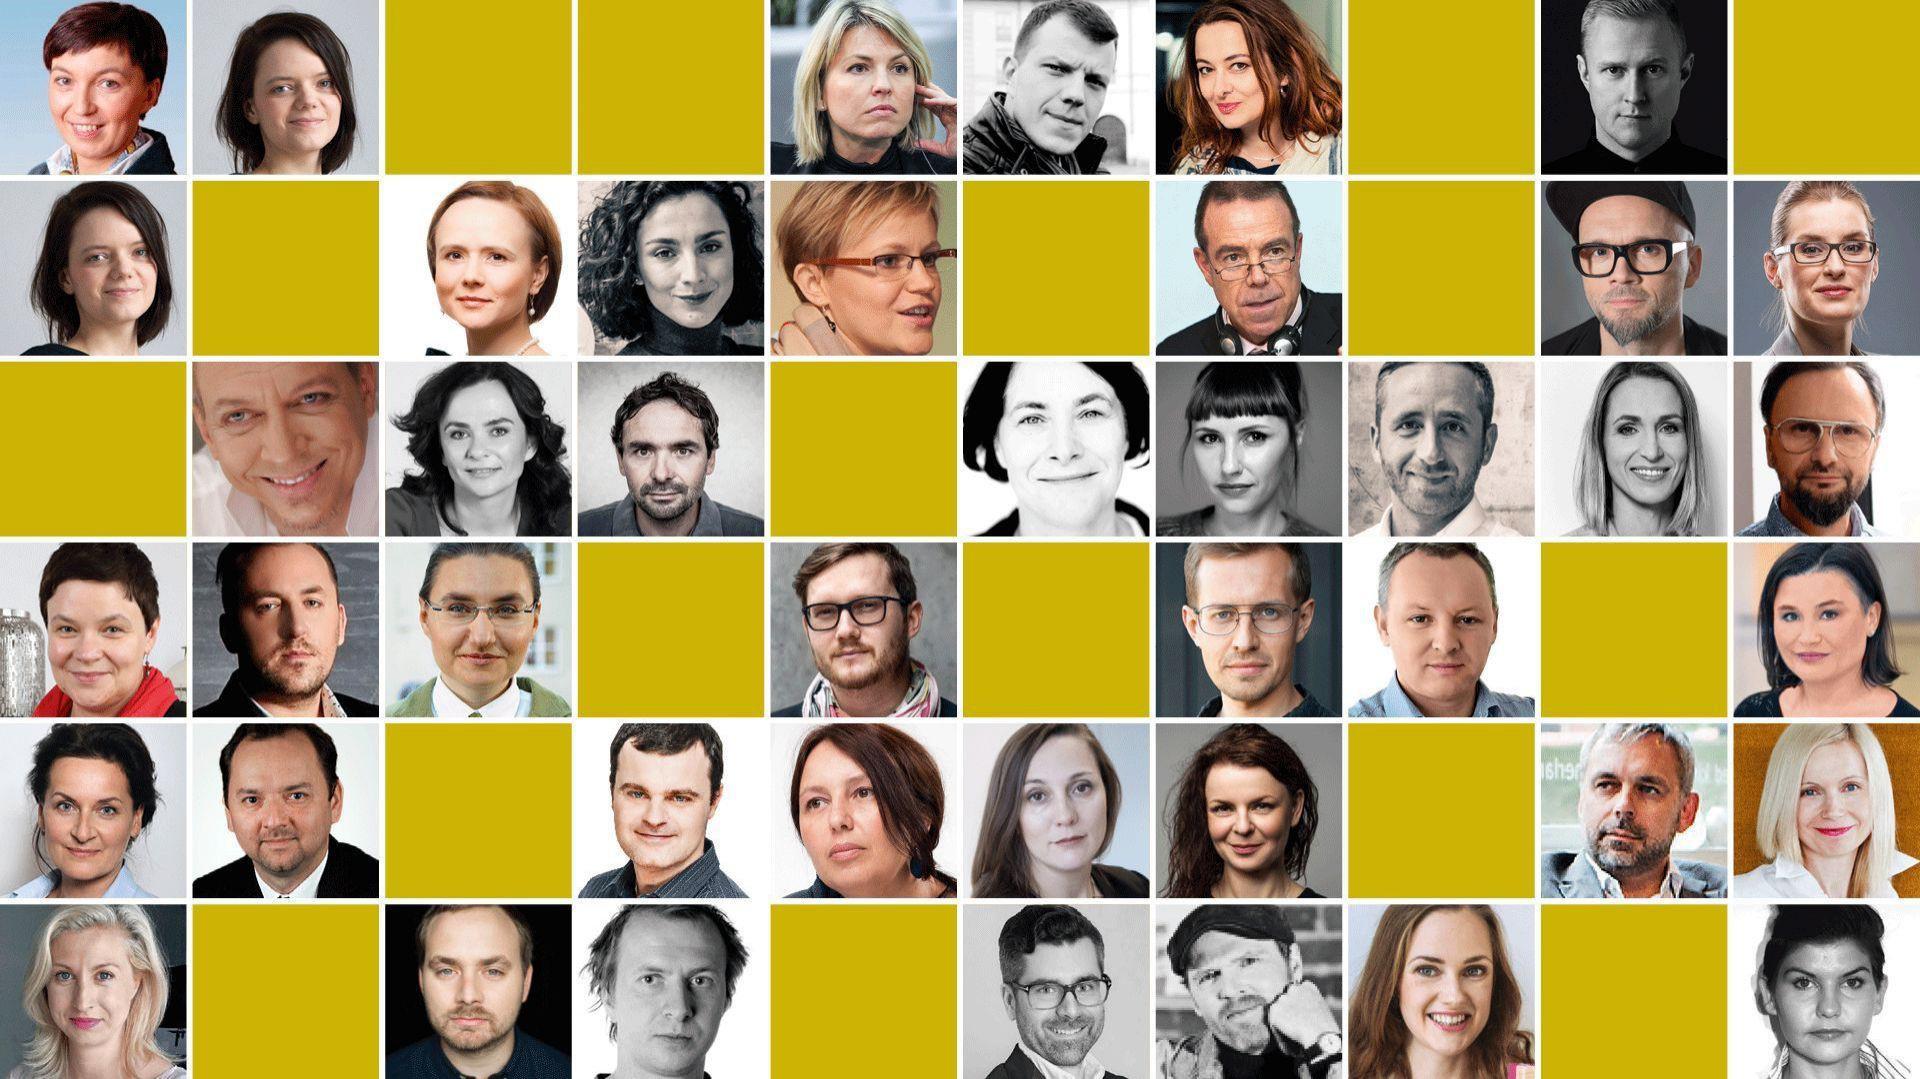 Forum Dobrego Designu odbędzie się 6 grudnia 2017 roku w Warszawie.